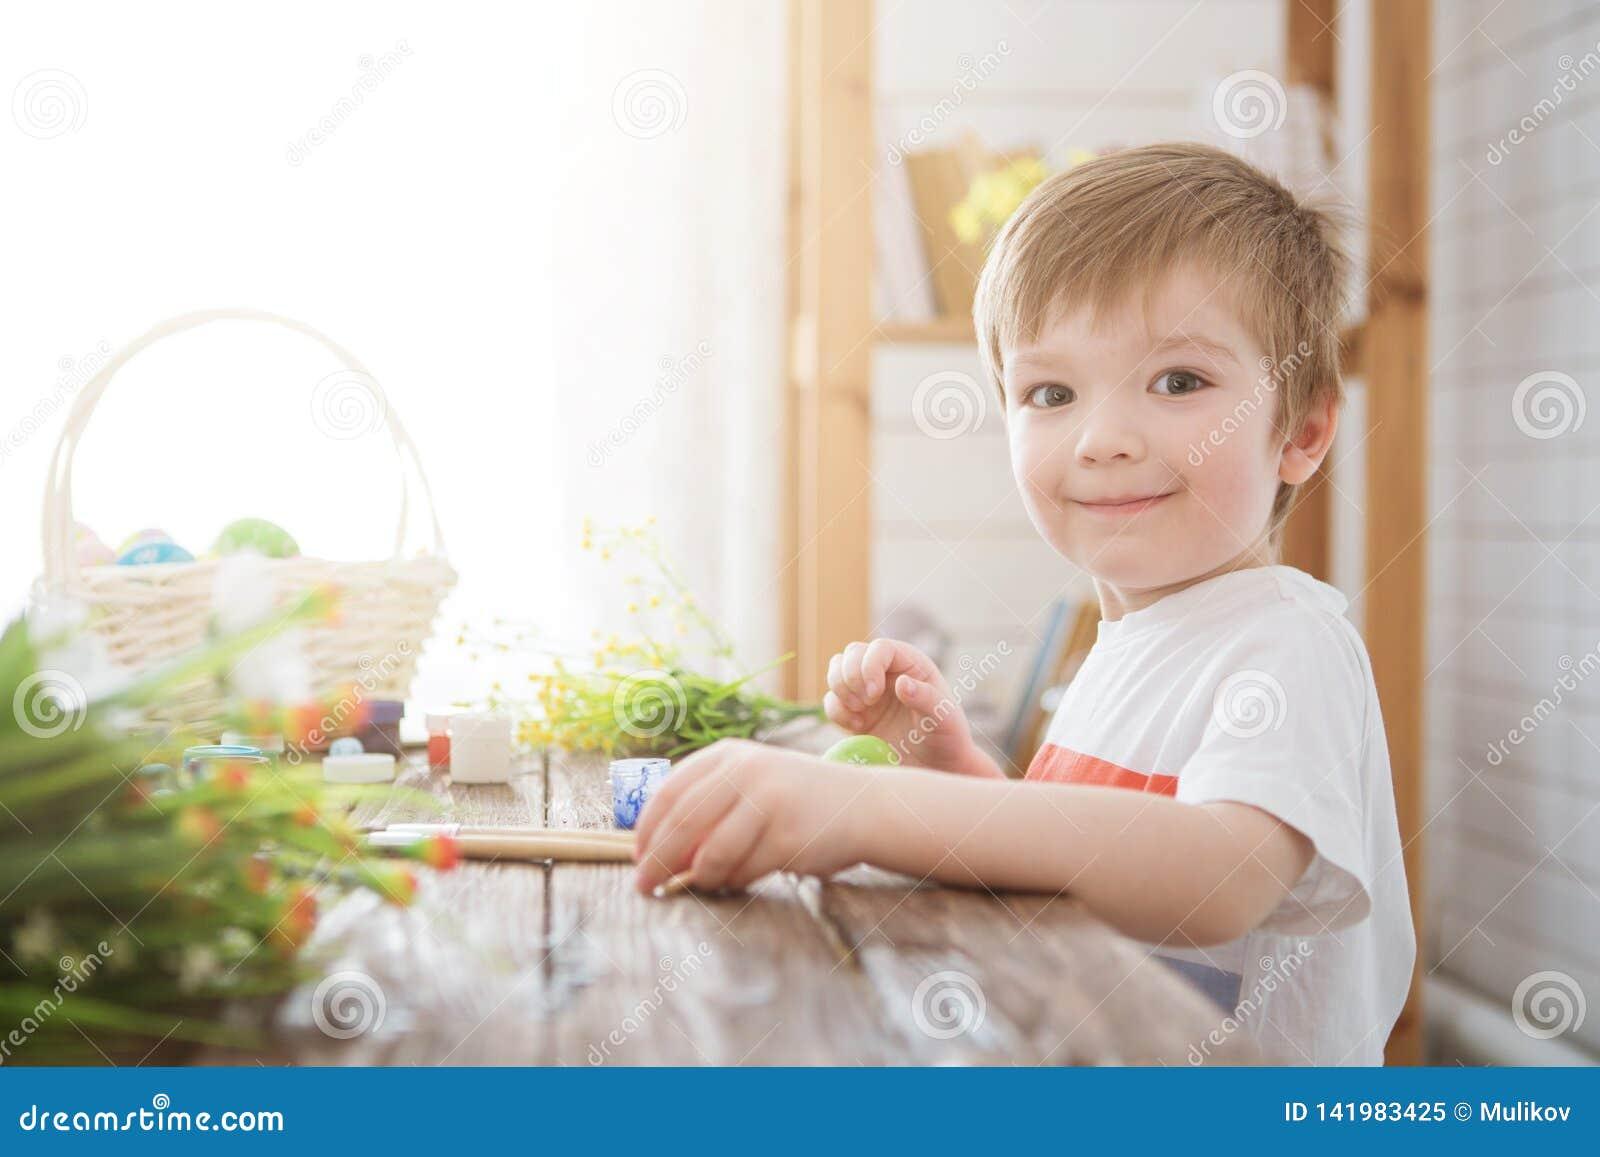 Junge verzieren Osterei Eine Malerei des kleinen Jungen und Verzierung von Ostereiern Porträt des netten Jungen 3 Jahre alt Er hä